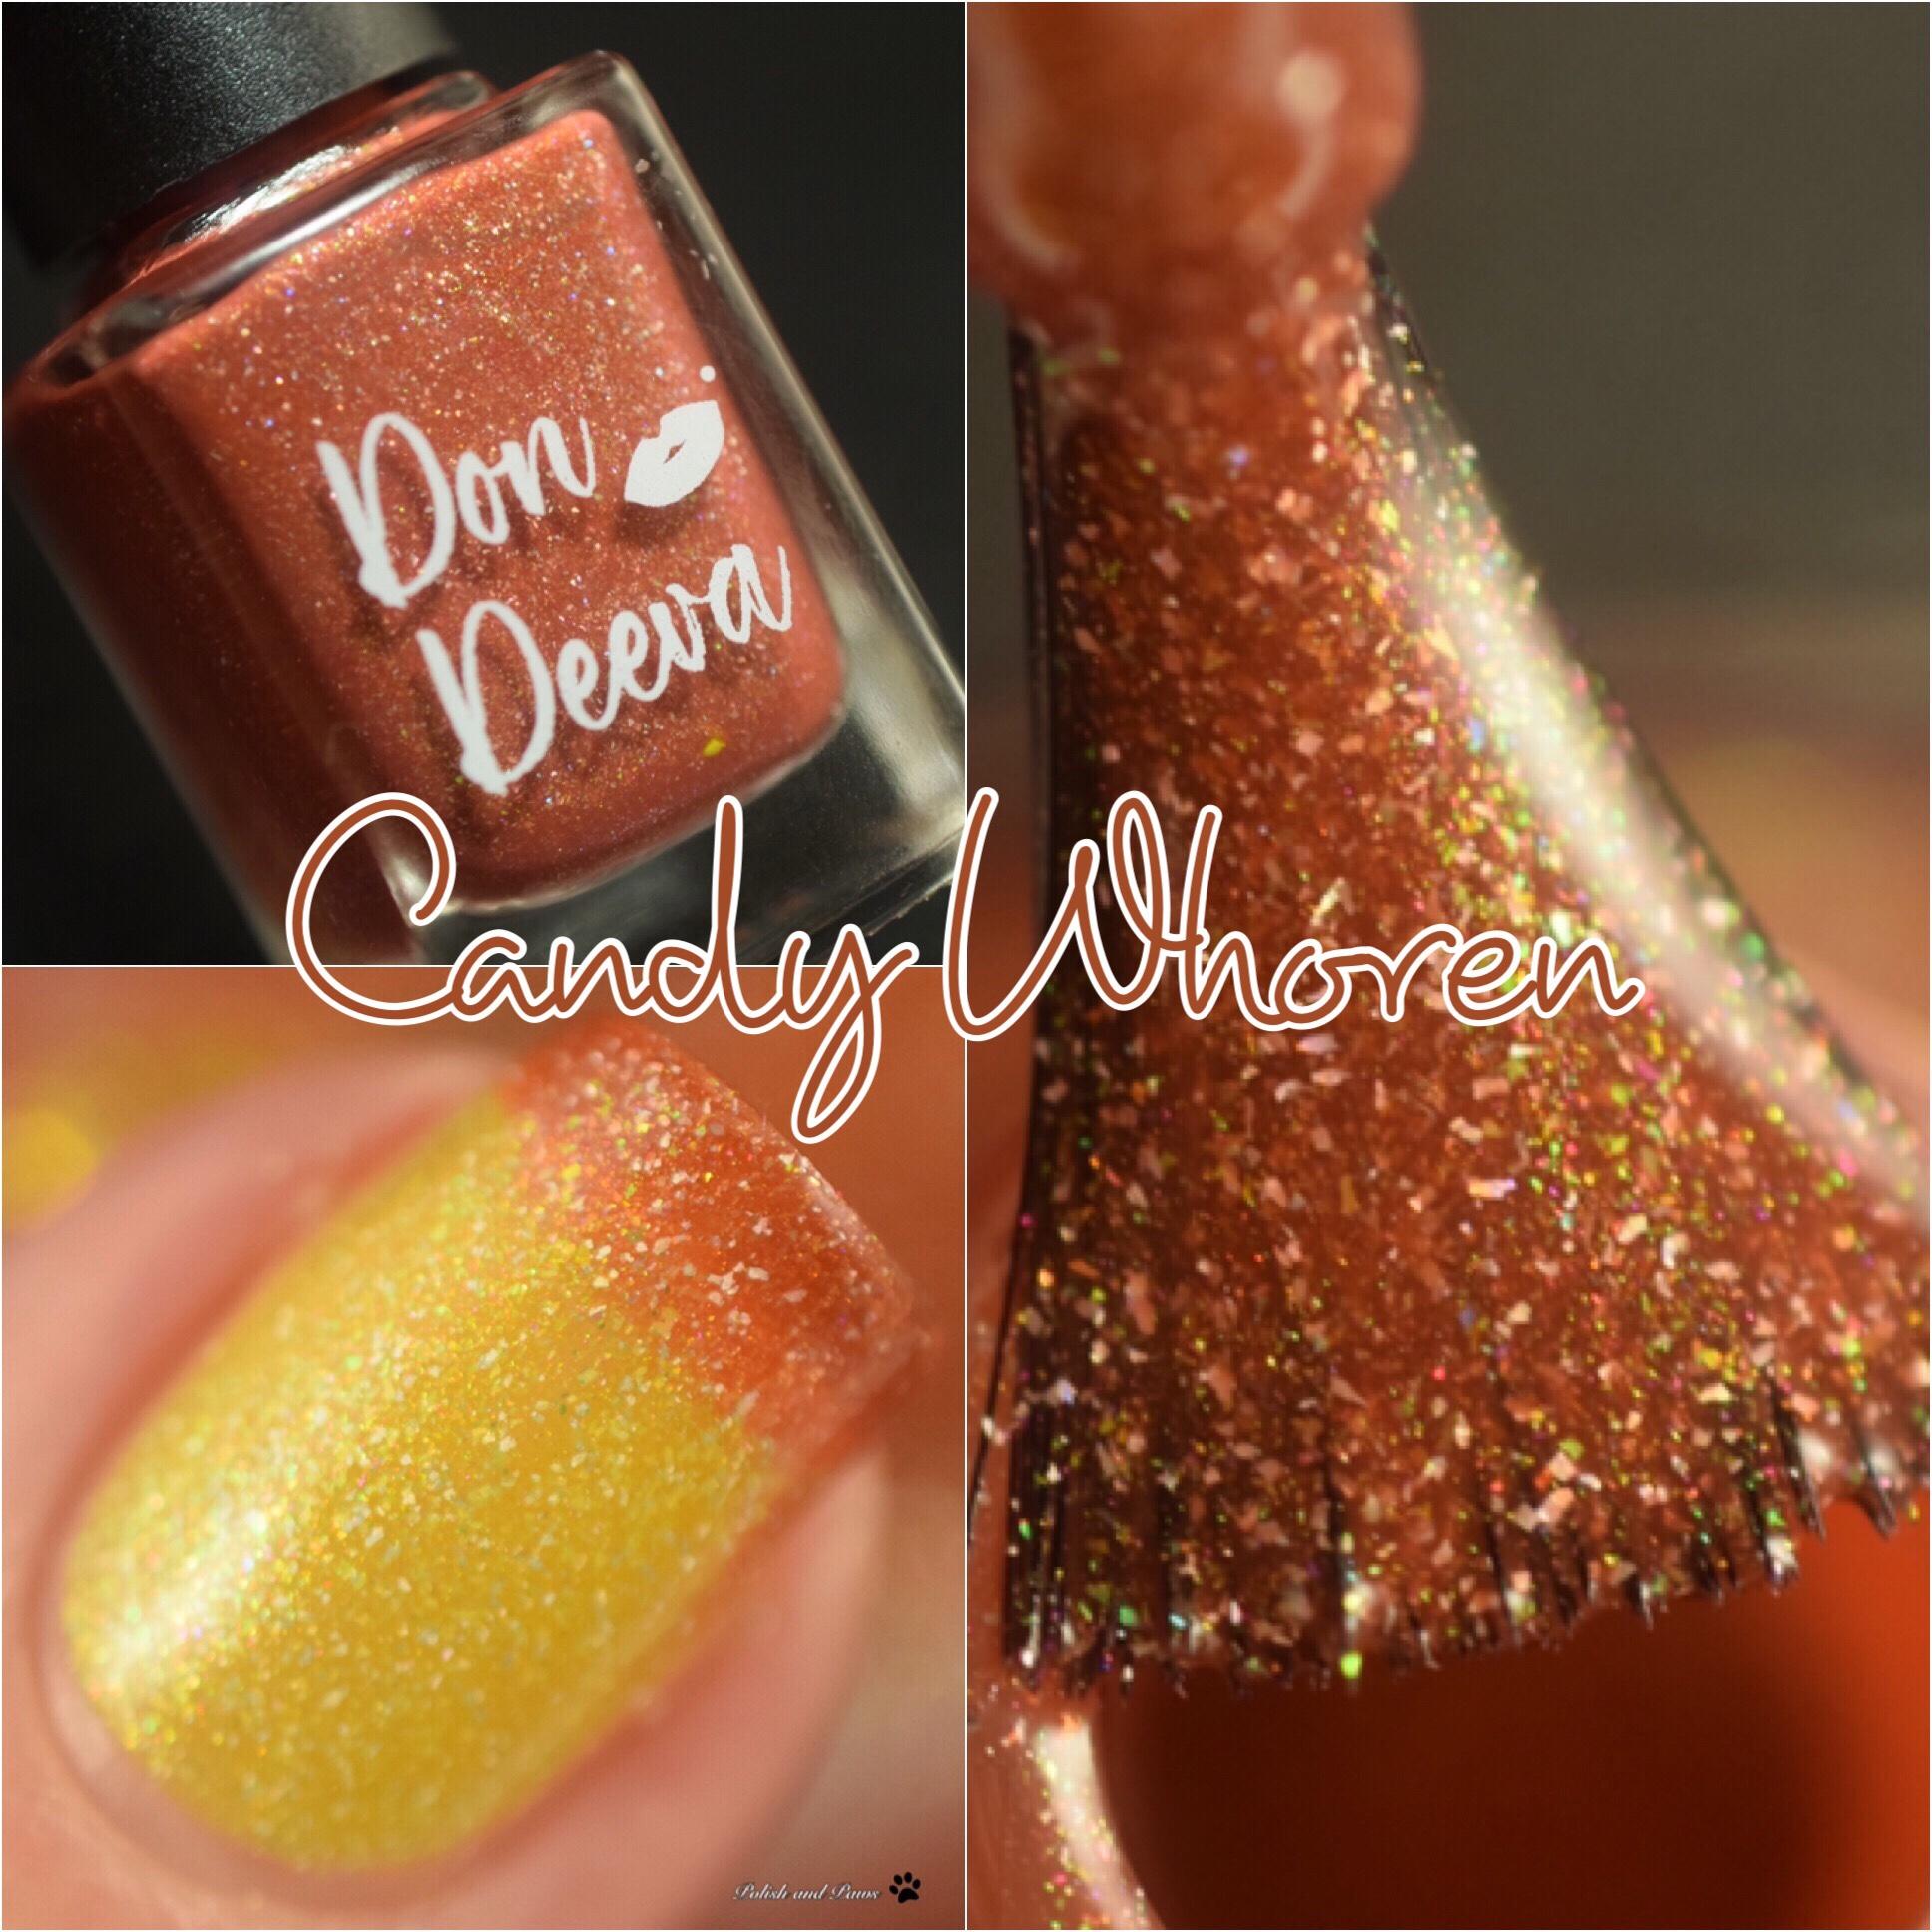 Don Deeva Candy Whoren